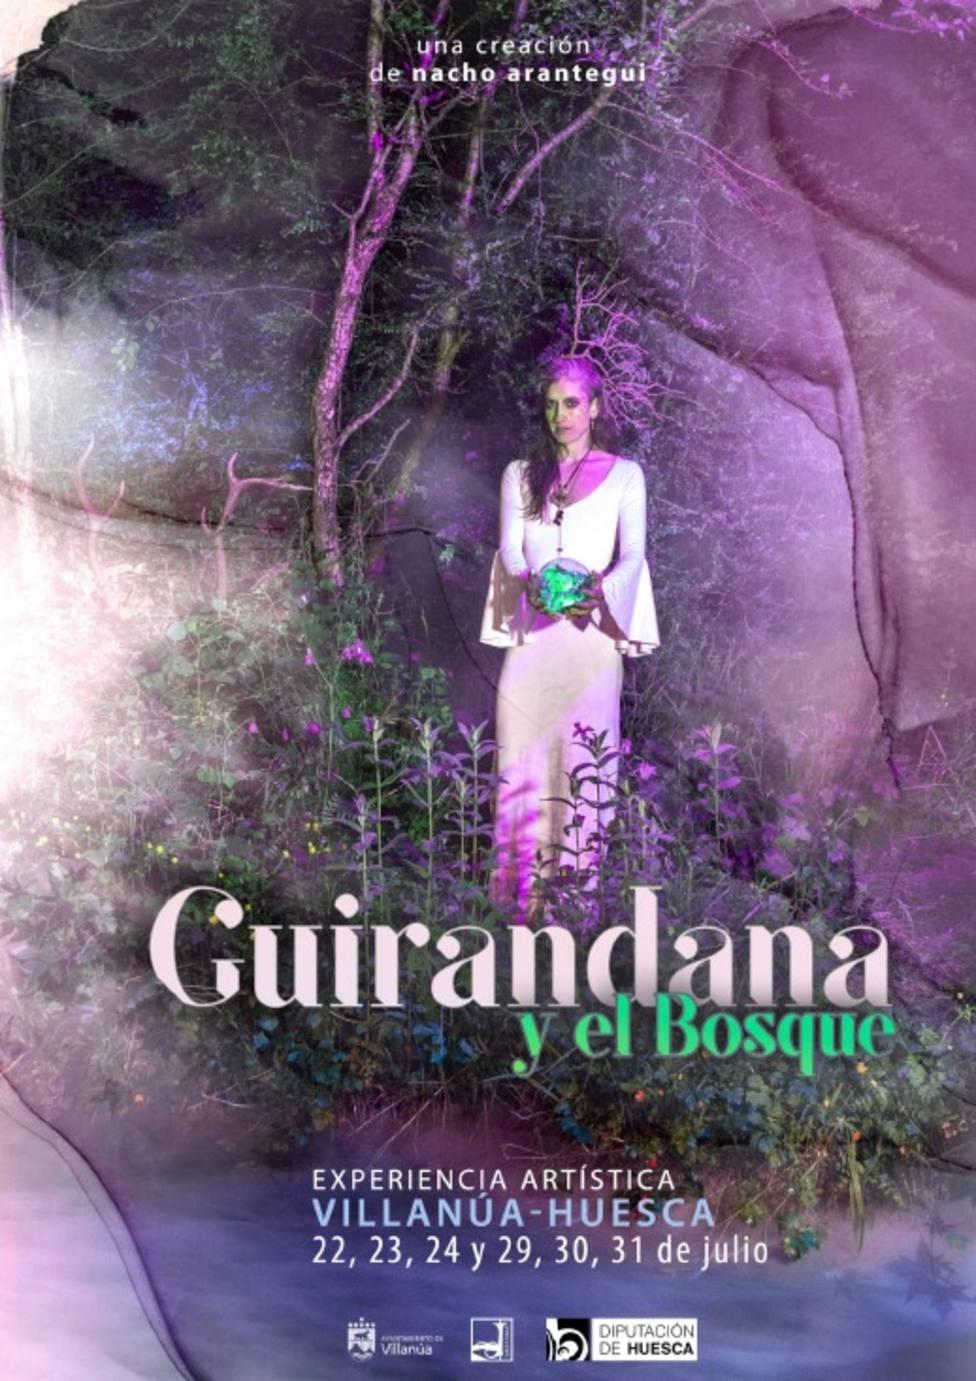 Guirandana y el bosque